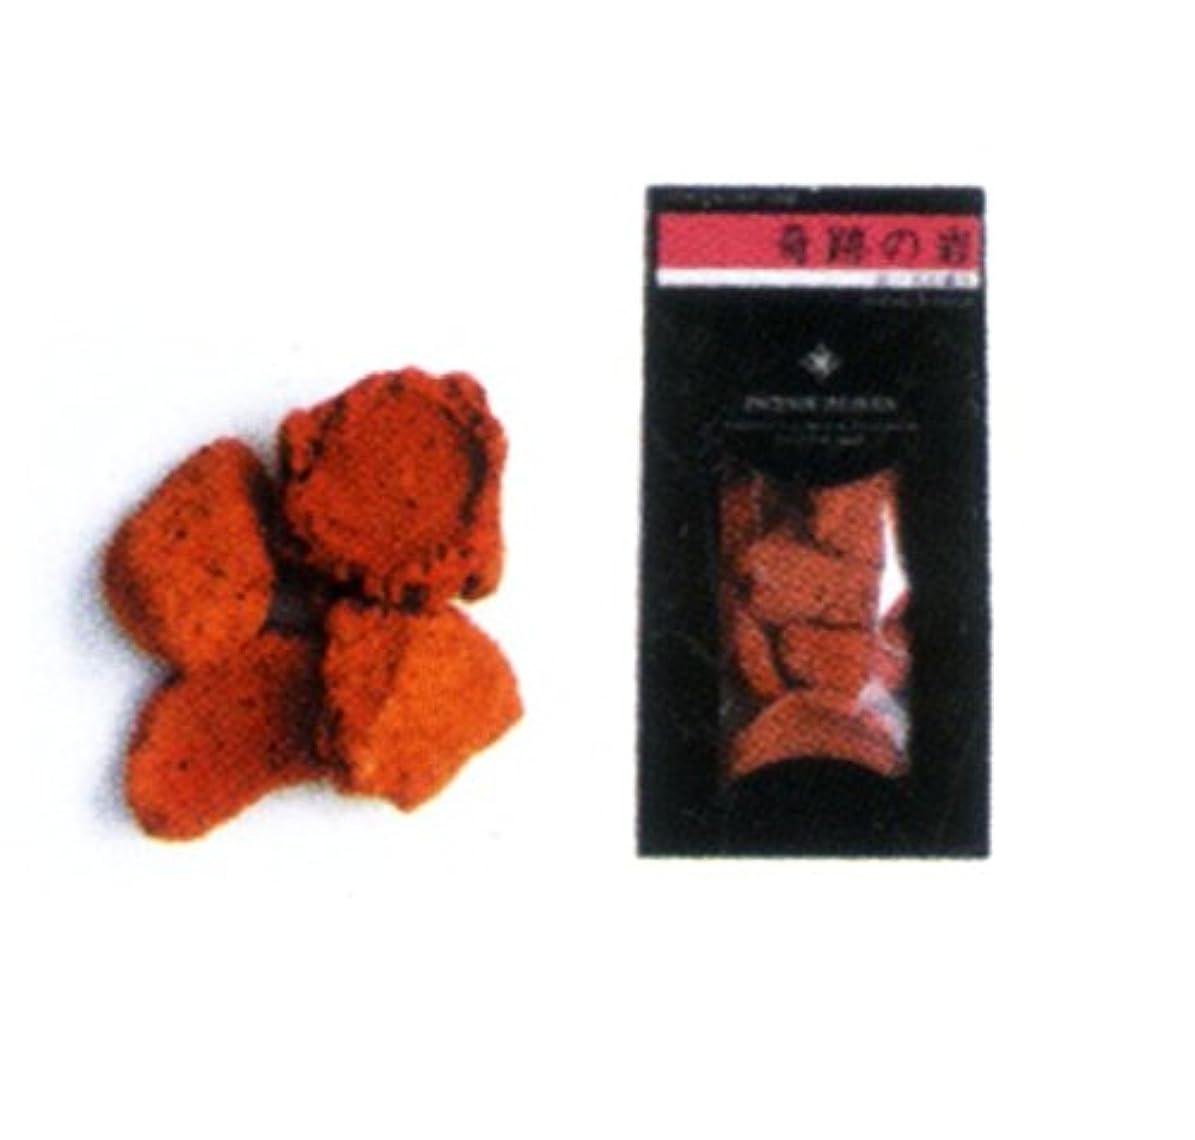 ブラケット排他的好色なインセンスヘブン(100%天然手作りのお香) 奇跡の岩